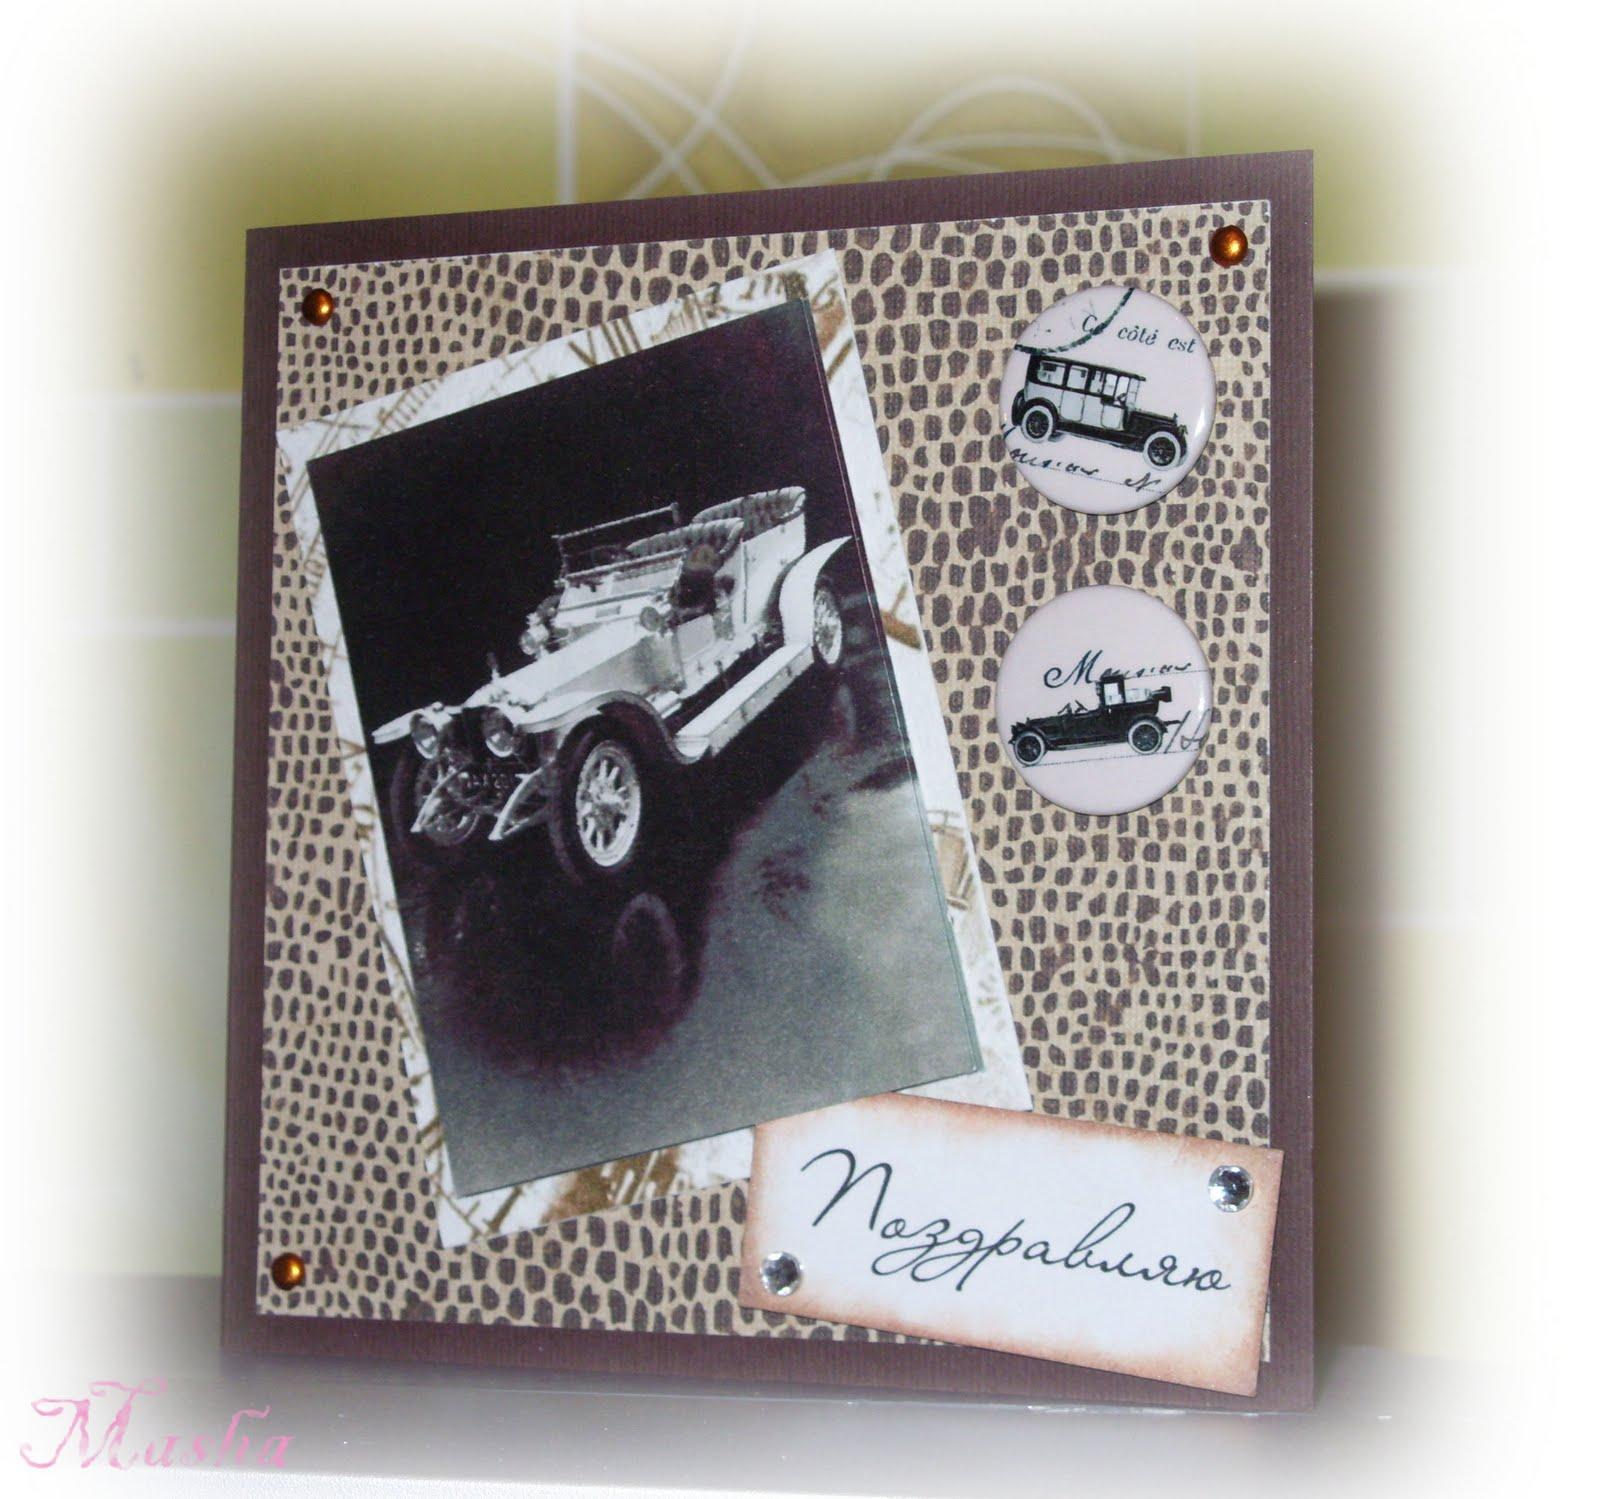 живые открытки бесплатно для майла